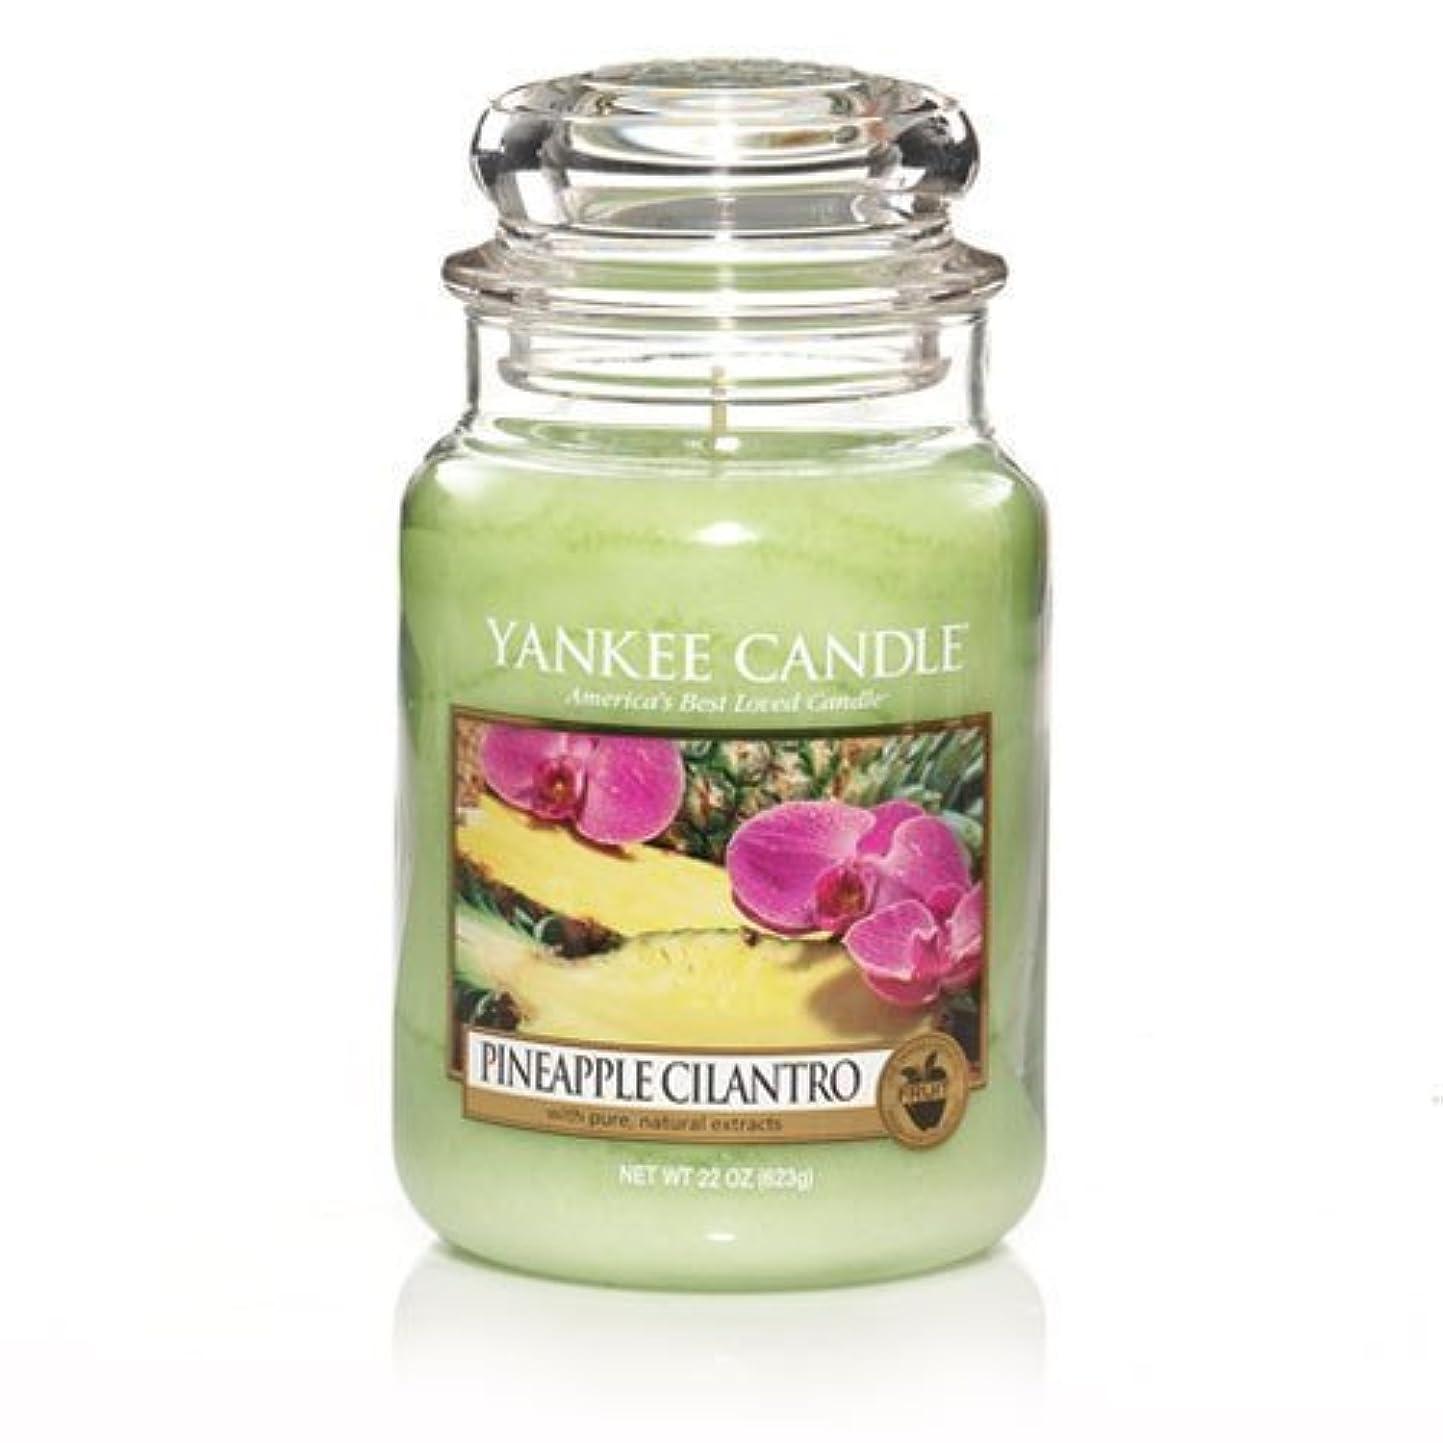 特殊マイクロプロセッサ恥ずかしさYankee Candle Pineapple Cilantro Large Jar 22oz Candle by Amazon source [並行輸入品]